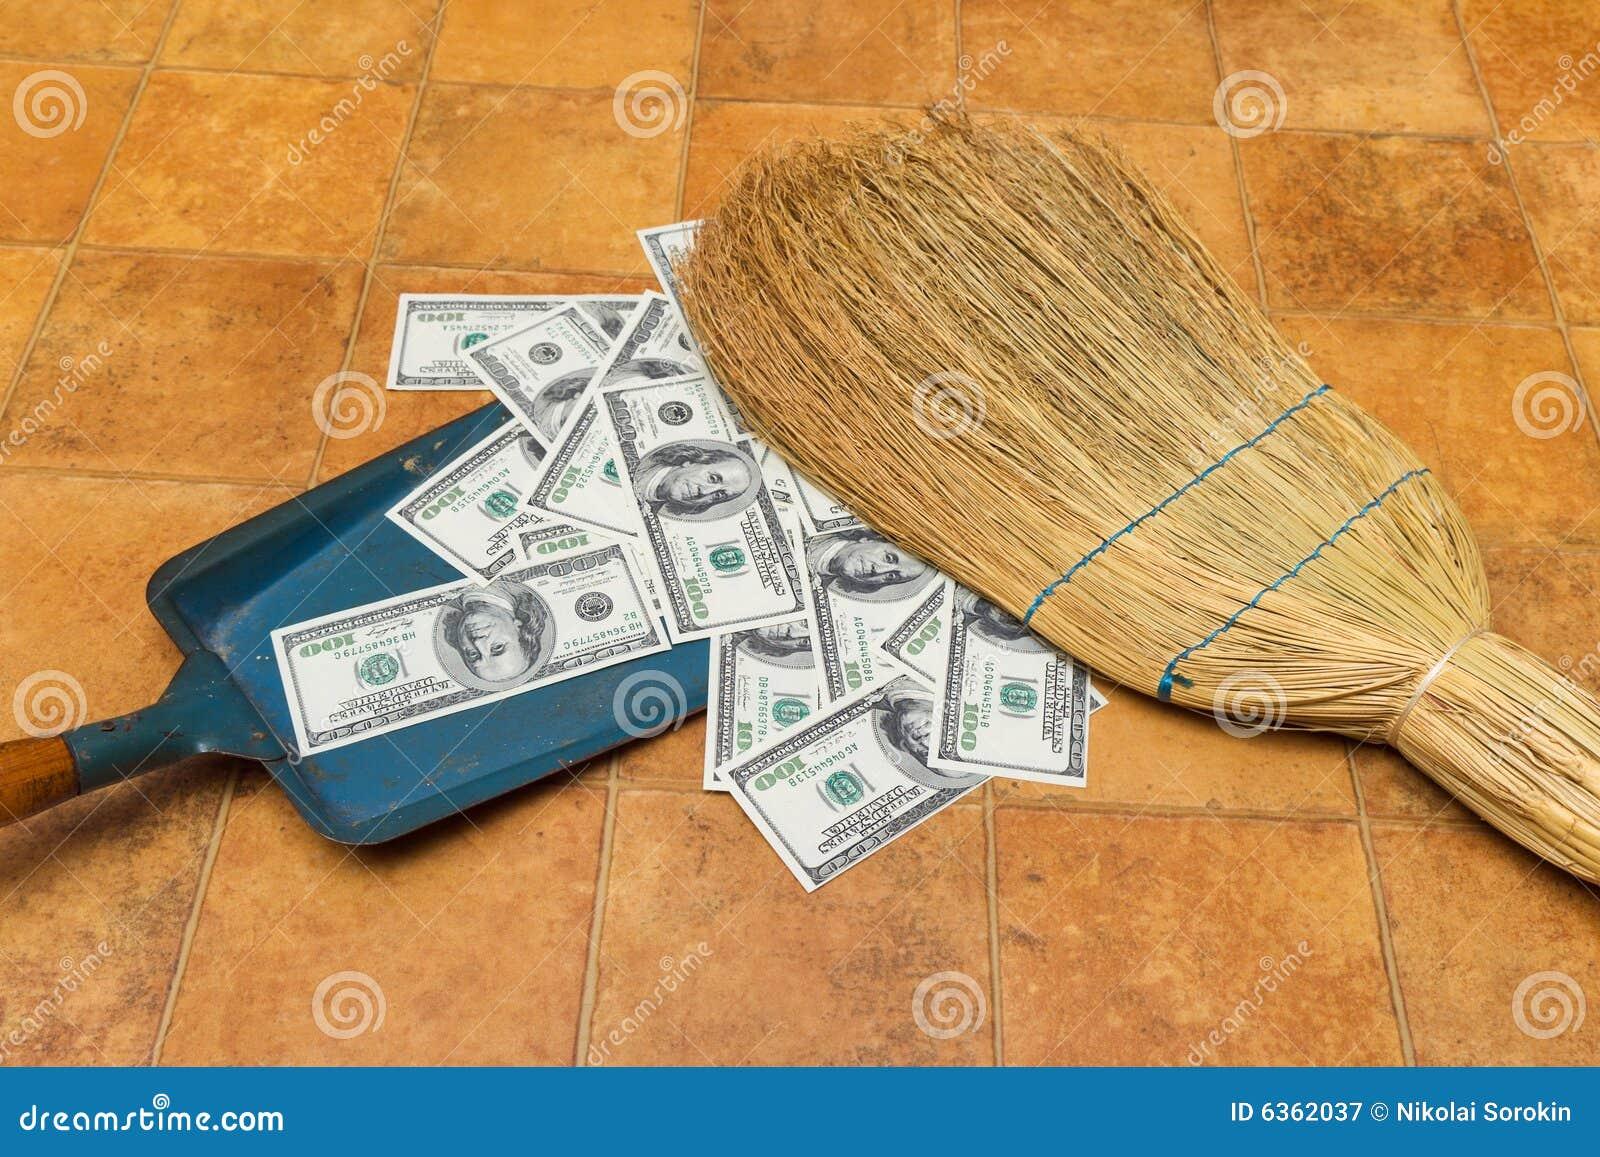 Fußboden Aus Geld ~ Geld und besen stockbild bild von bargeld fußboden dollar